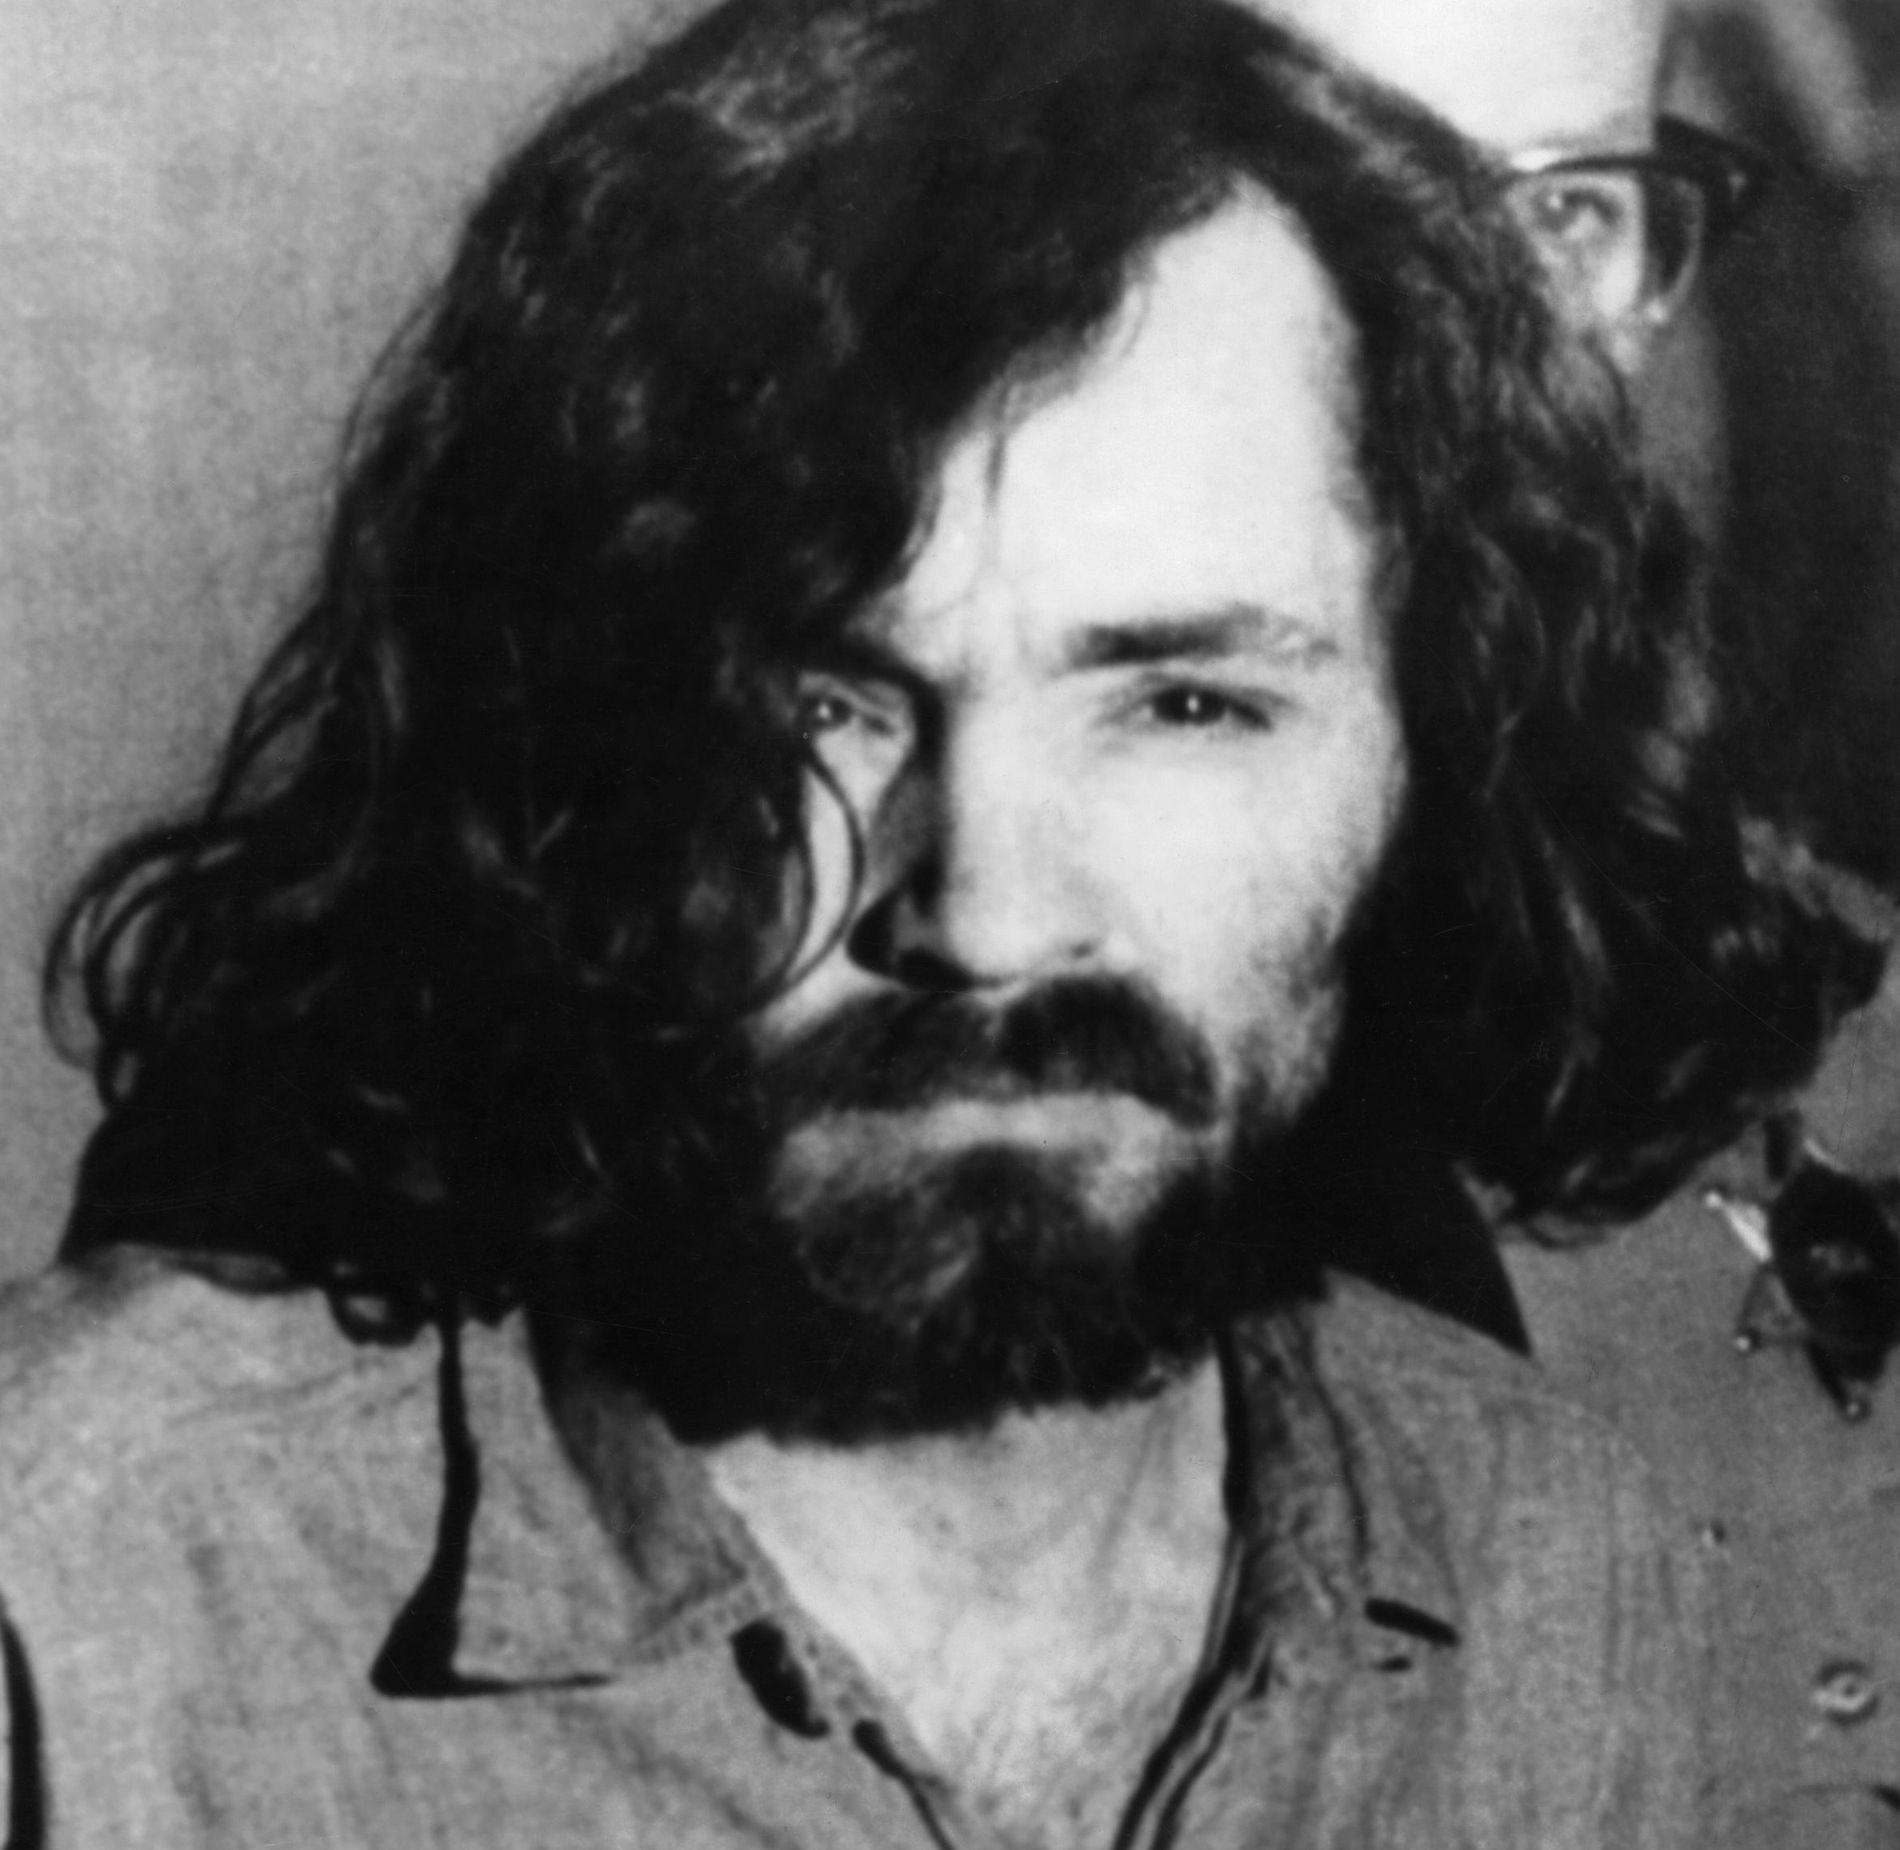 FØR: Charles Manson i 1970.